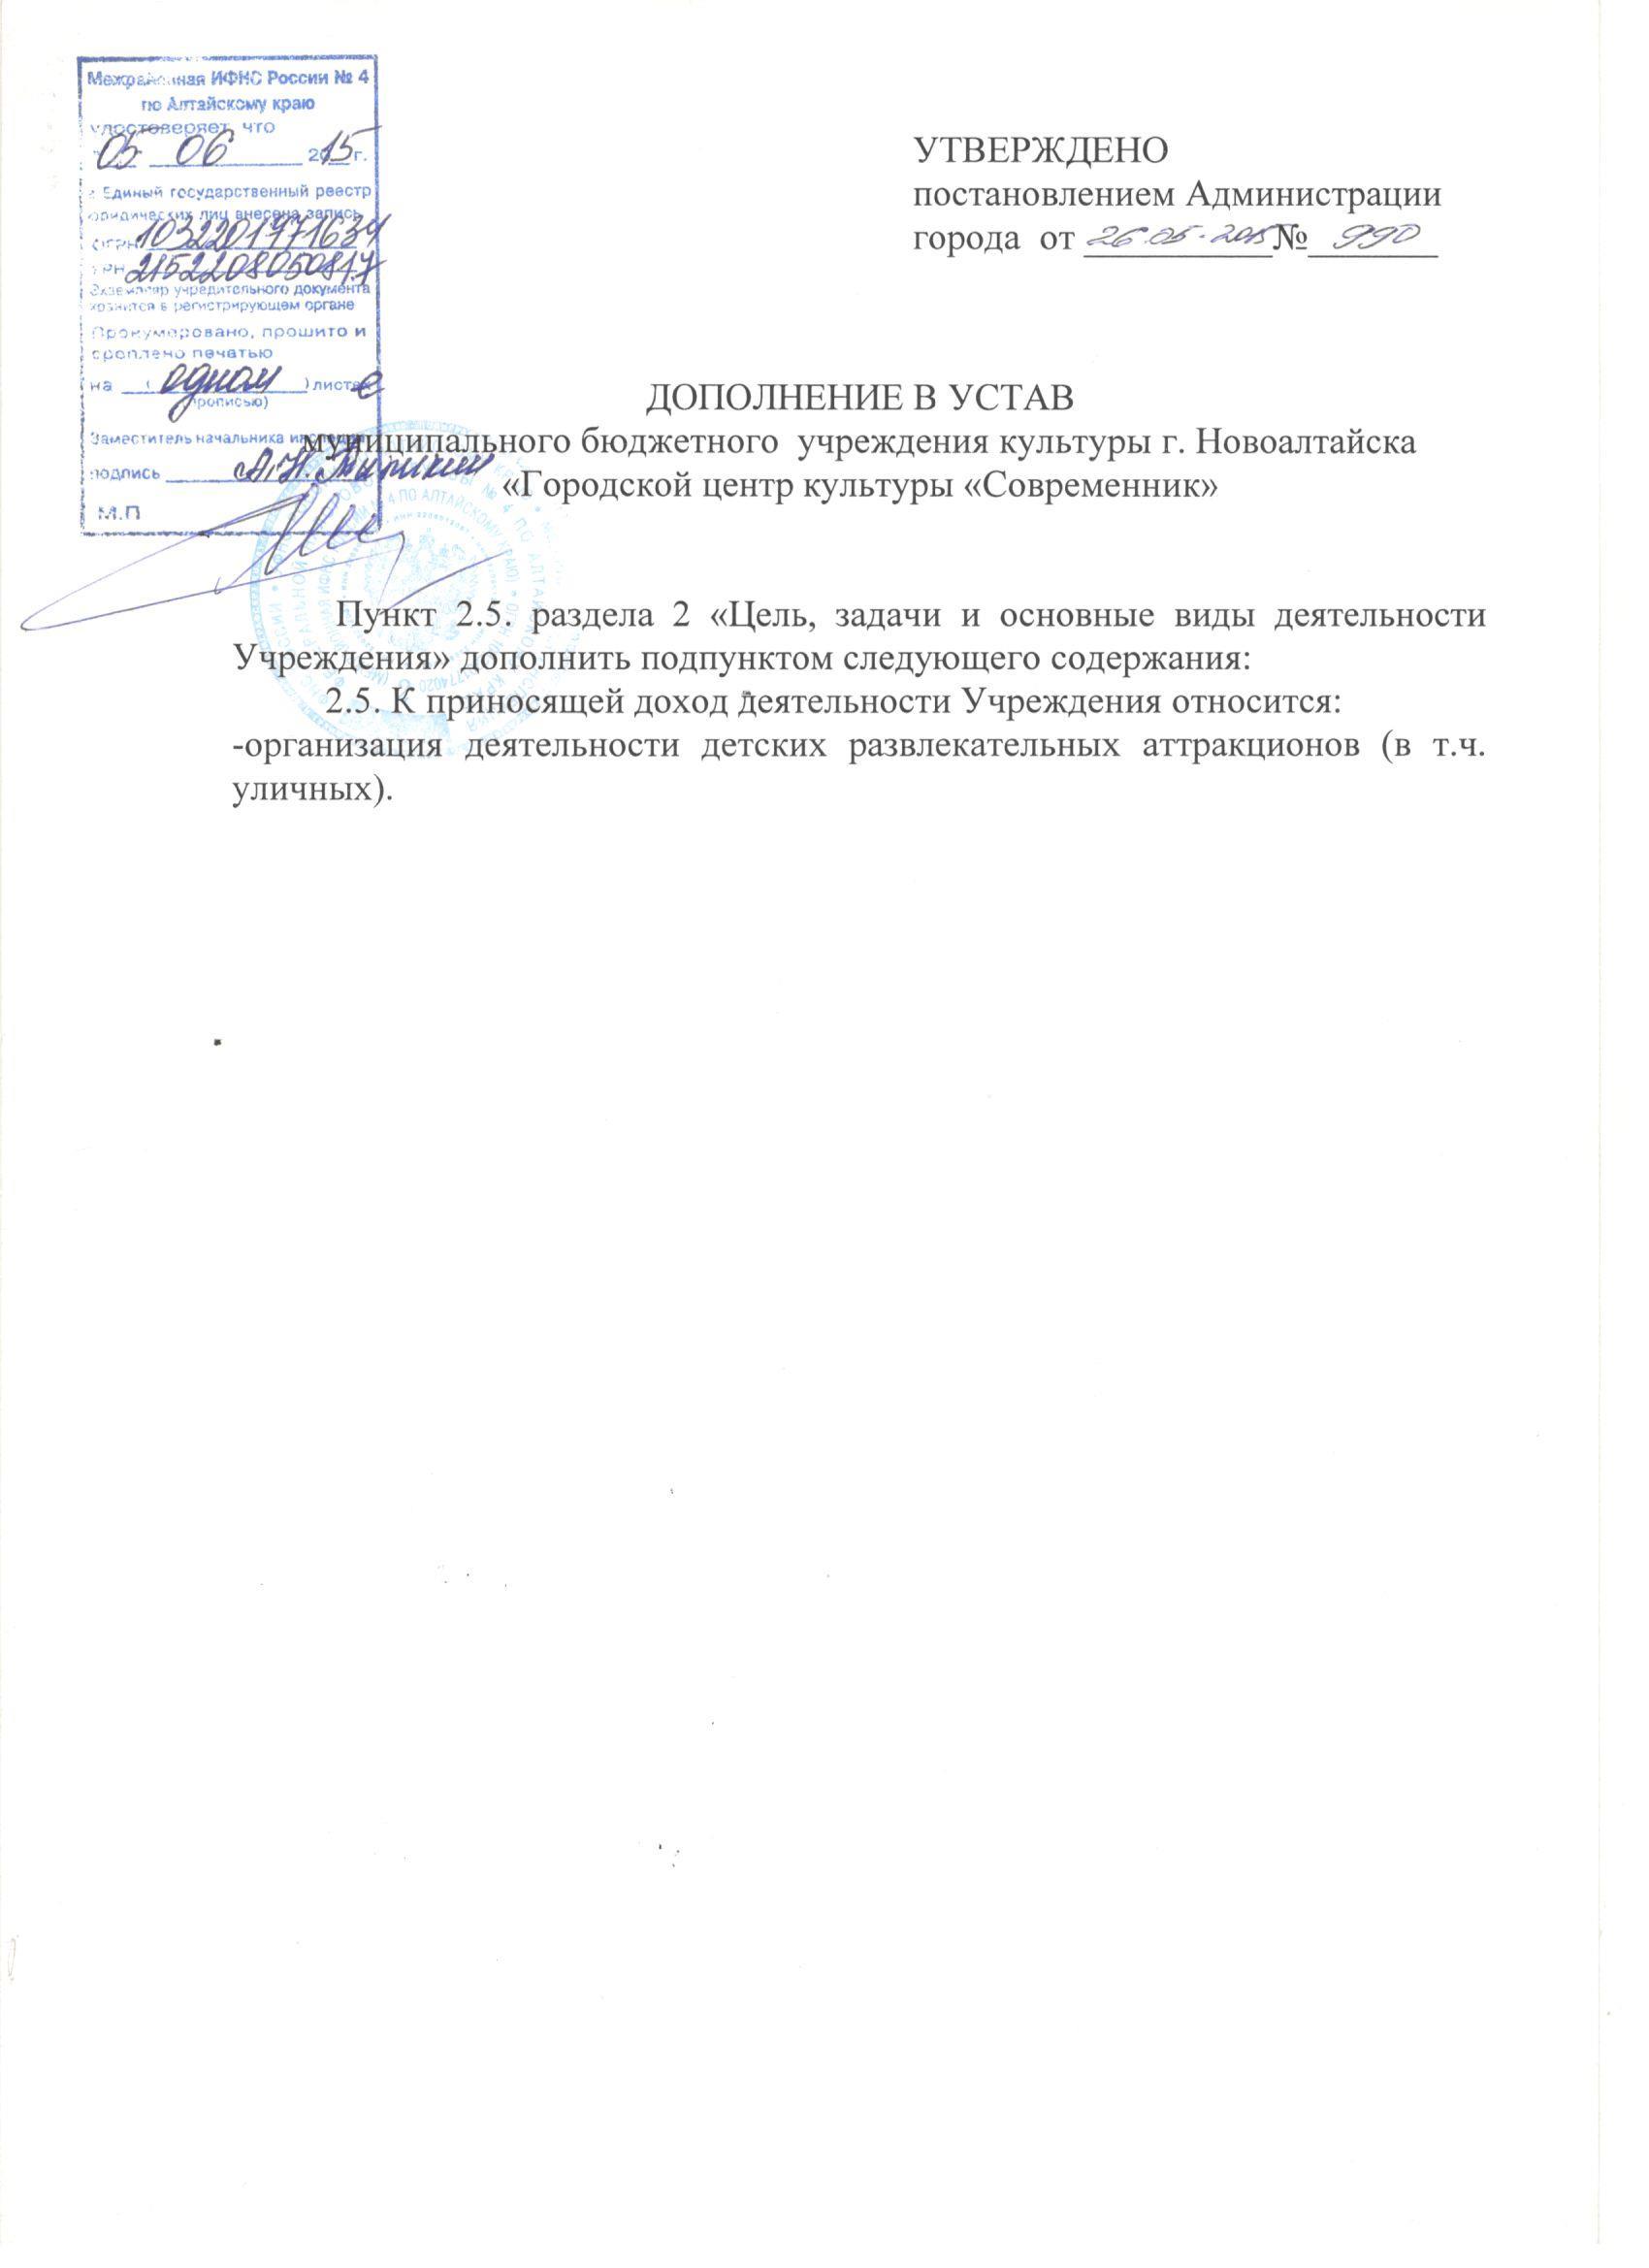 14  26.05.15г. изменения